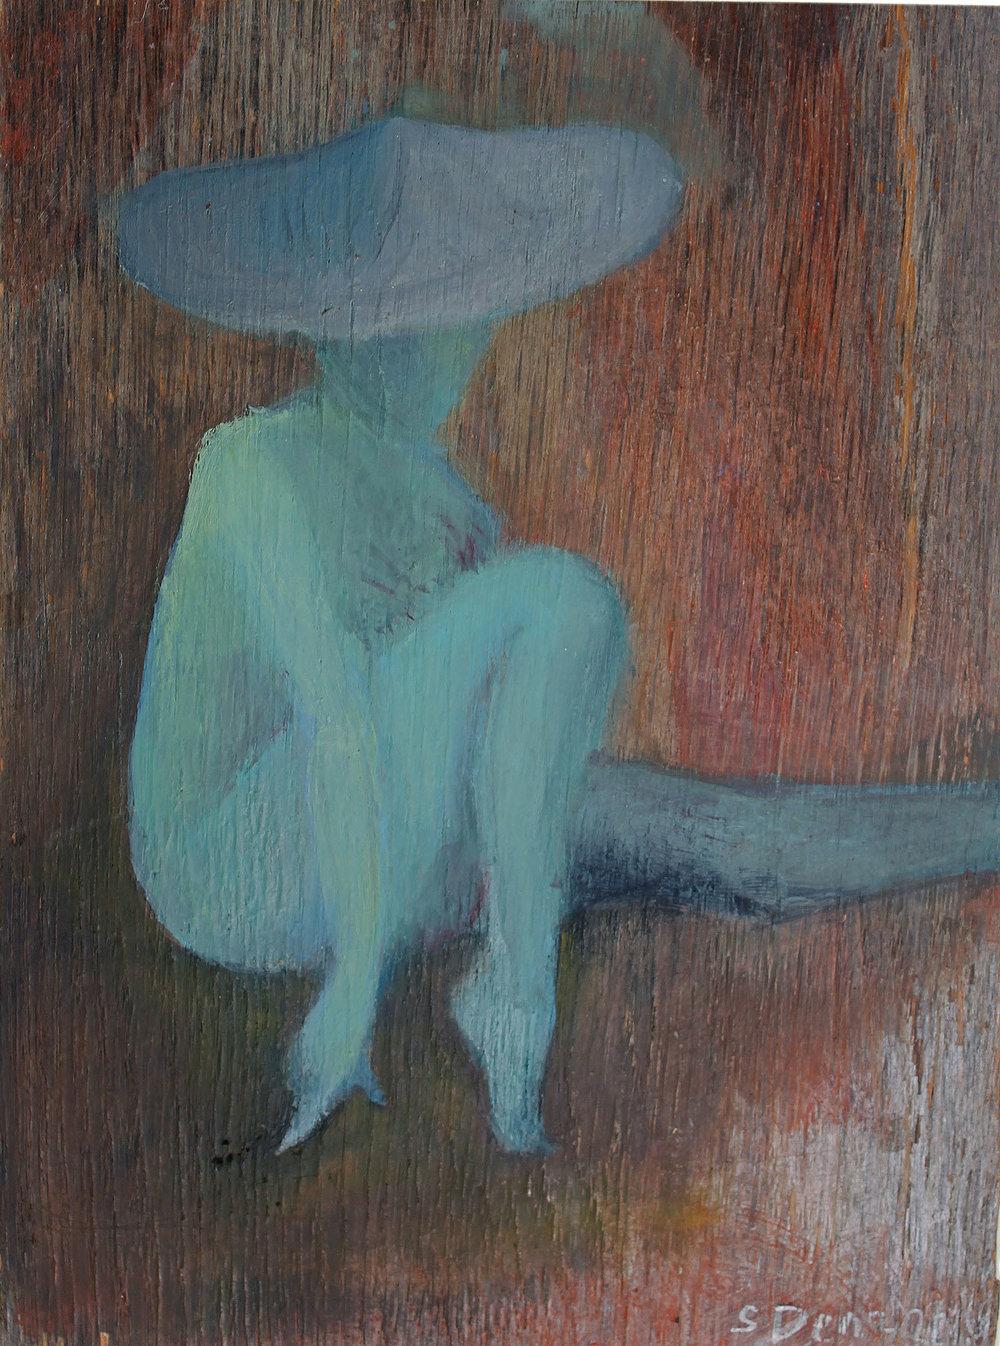 Blue limbs